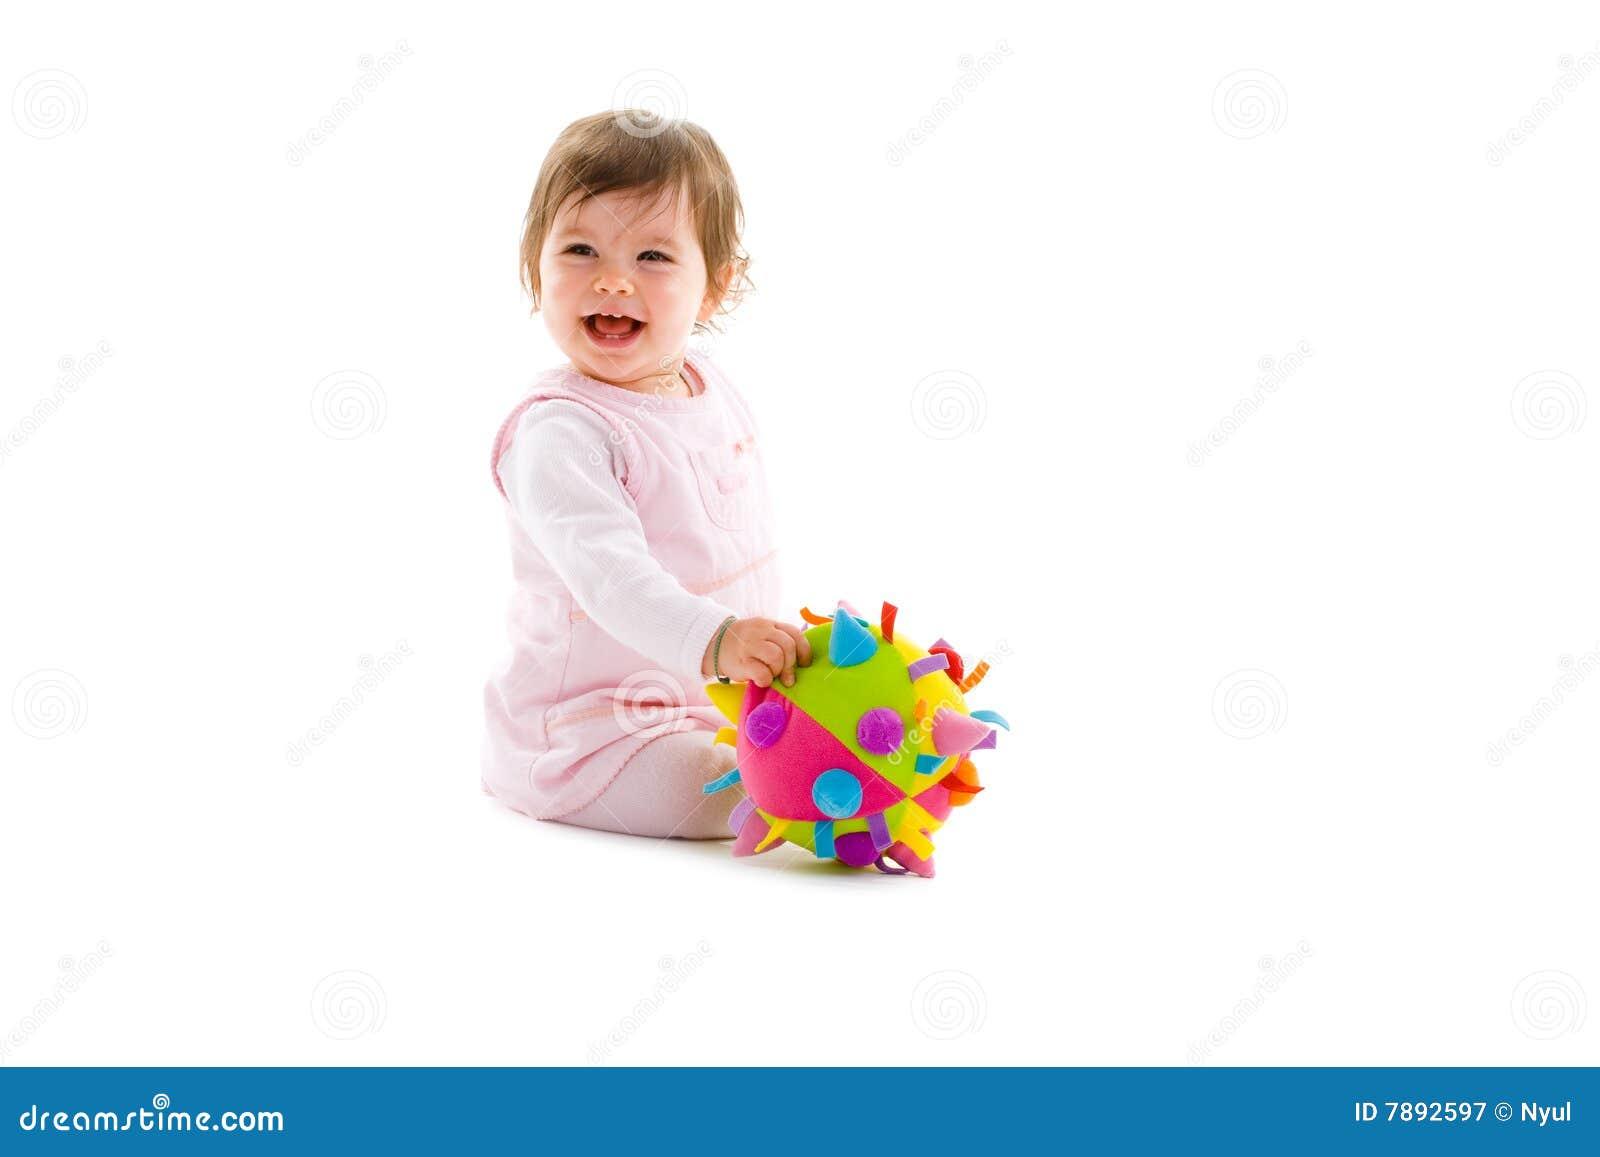 Happy baby isolated